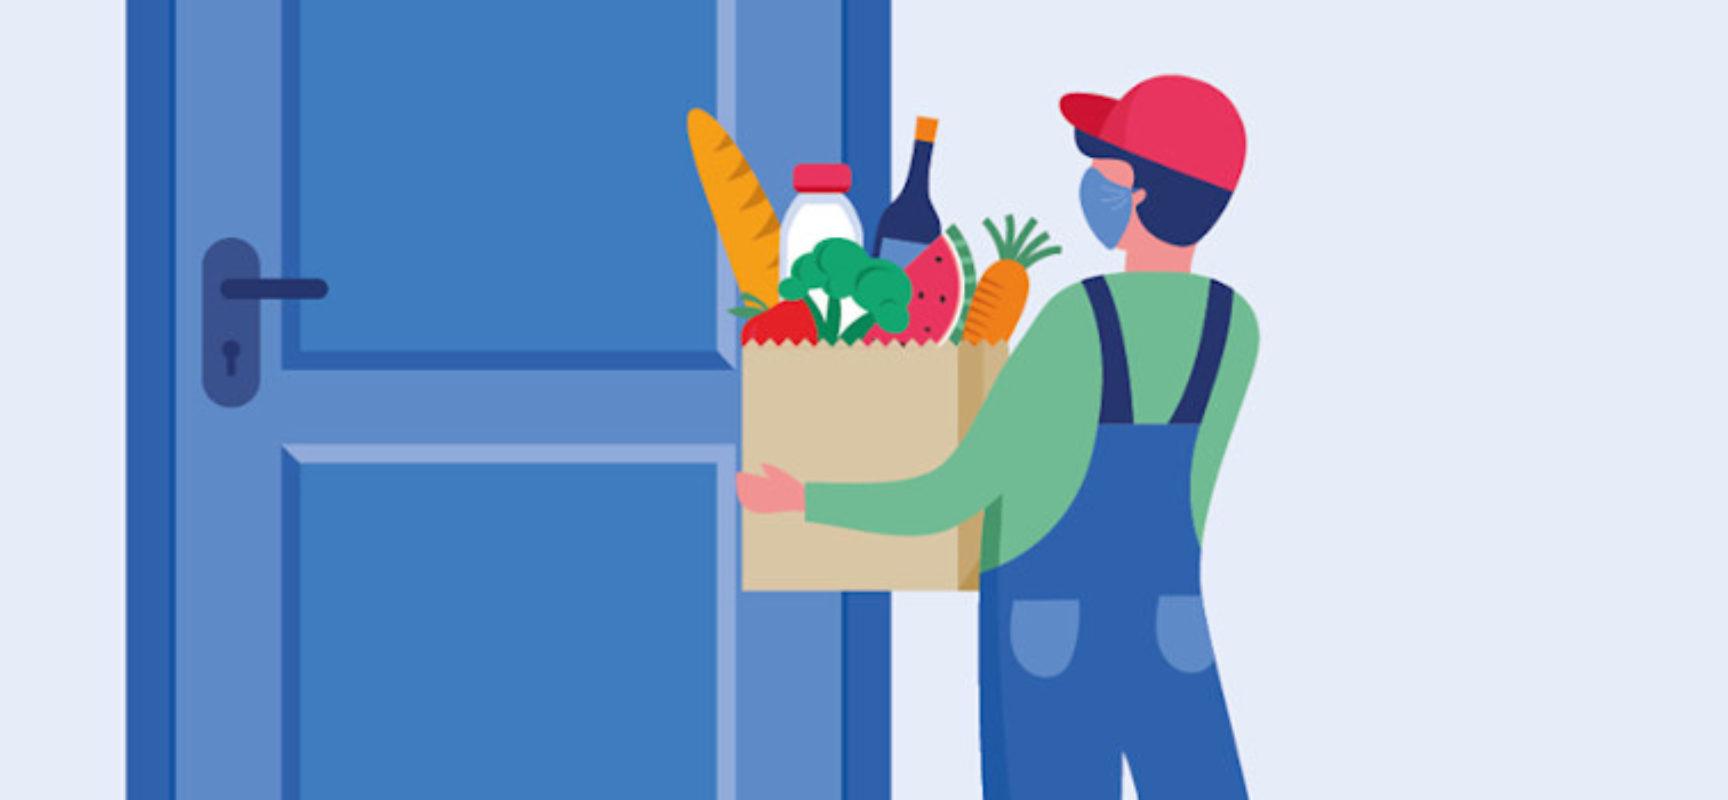 Promuovere vendita a domicilio: Duc Bisceglie sostiene esercenti e consumatori / DETTAGLI